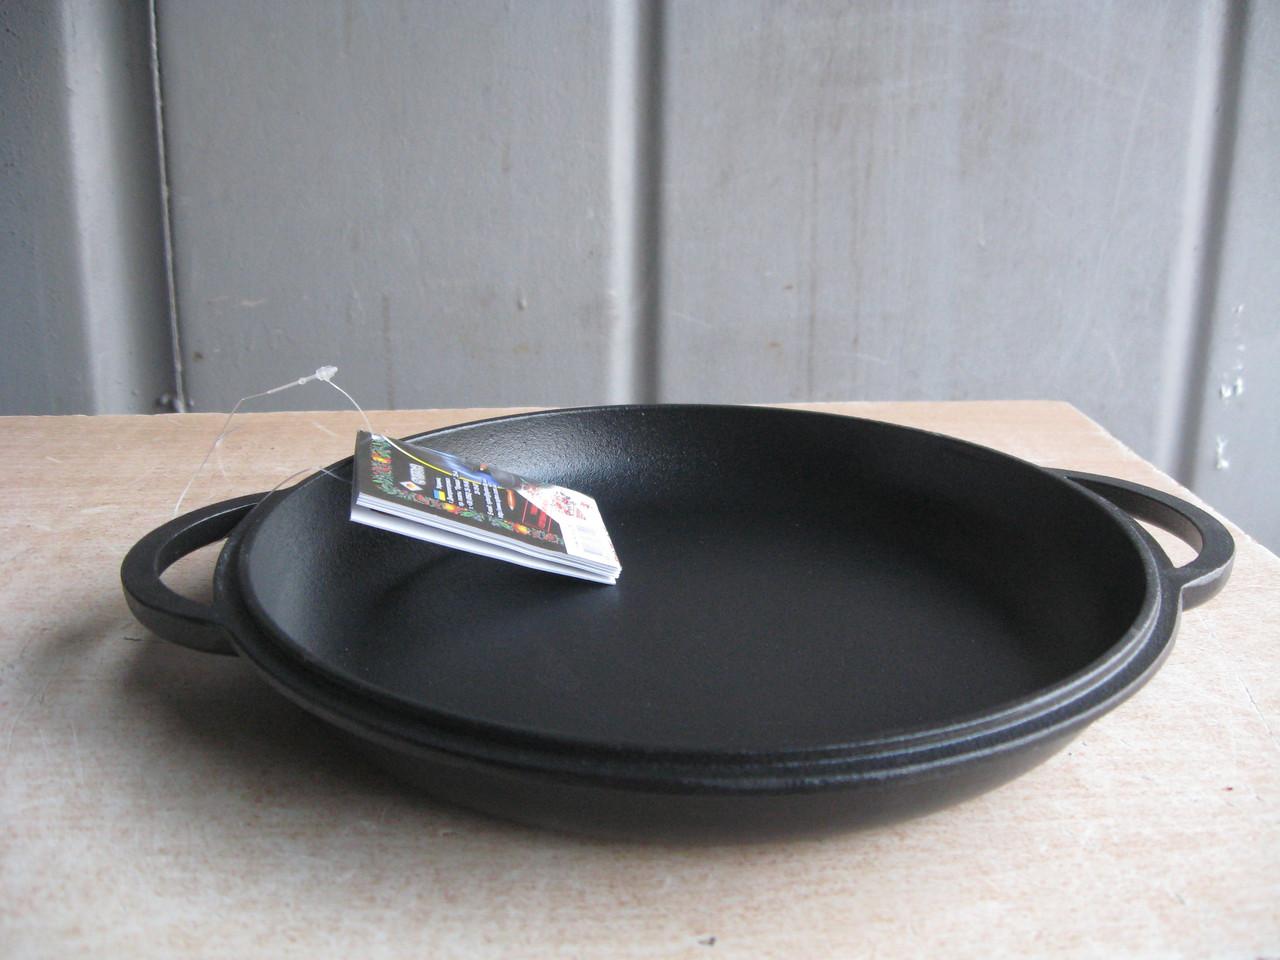 Крышка-сковорода чугунная, эмалированная.  Диаметр 230мм.